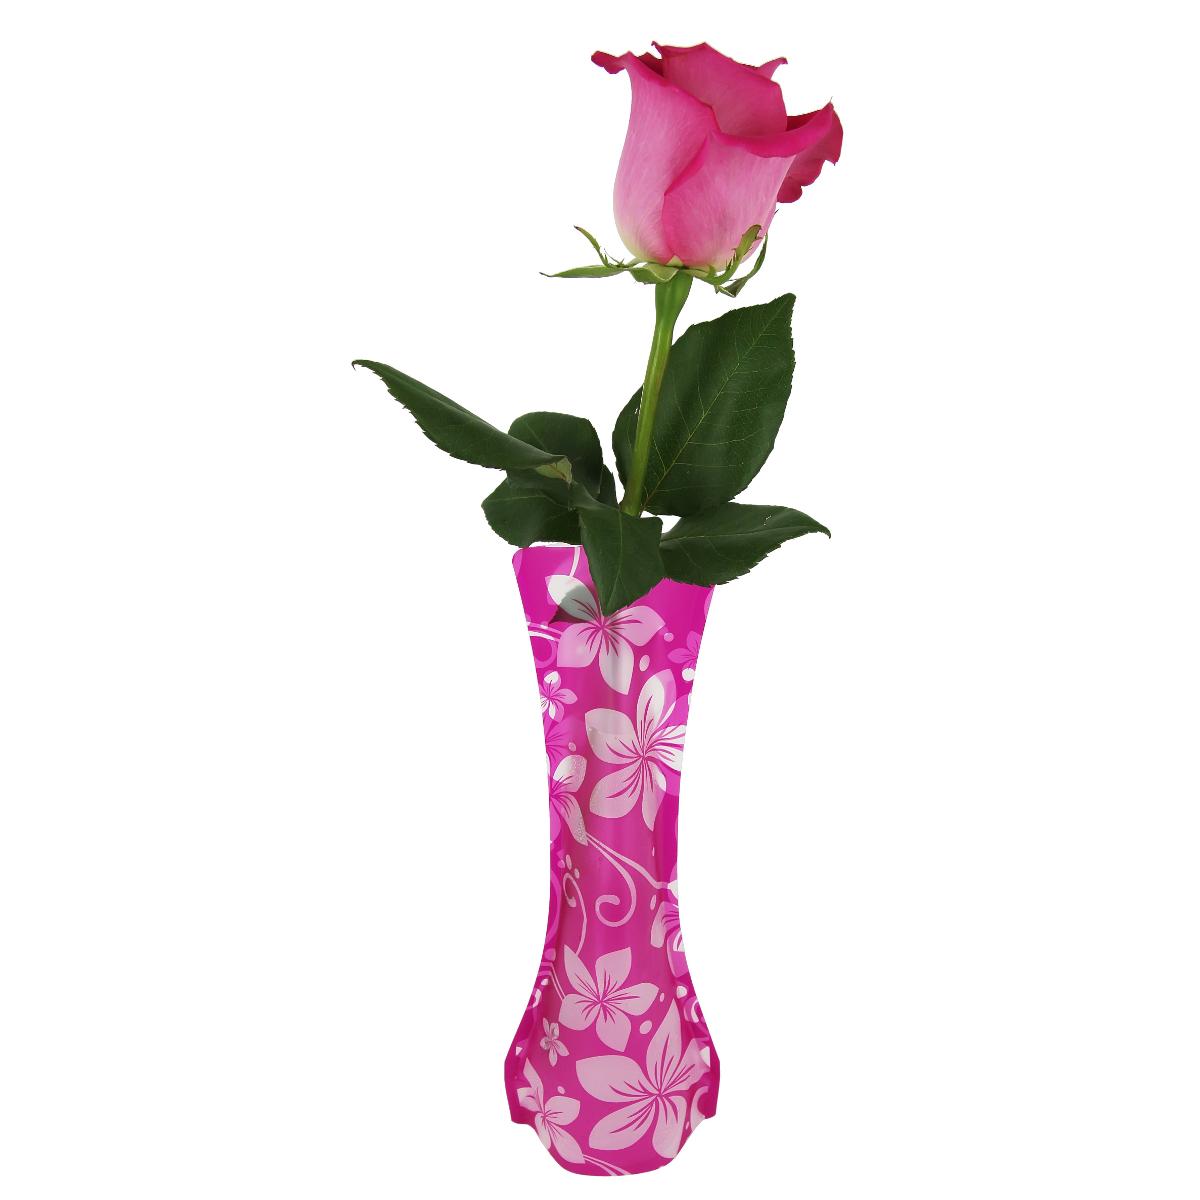 Ваза МастерПроф Красная орхидея, пластичная, 0,4 лHS.040037Пластичная ваза Красная орхидея легко складывается, удобно хранится - занимает мало места, долго служит. Всегда пригодится дома, в офисе, на даче, для оформления различных меропритятий. Отлично подойдет для перевозки цветов, или просто в подарок. Инструкция: 1. Наполните вазу теплой водой; 2. Дно и стенки расправятся; 3. Вылейте воду; 4. Наполните вазу холодной водой; 5. Вставьте цветы. Меры предосторожности: Хранить вдали от источников тепла и яркого солнечного света. С осторожностью применять для растений с длинными стеблями и с крупными соцветиями, что бы избежать опрокидывания вазы.